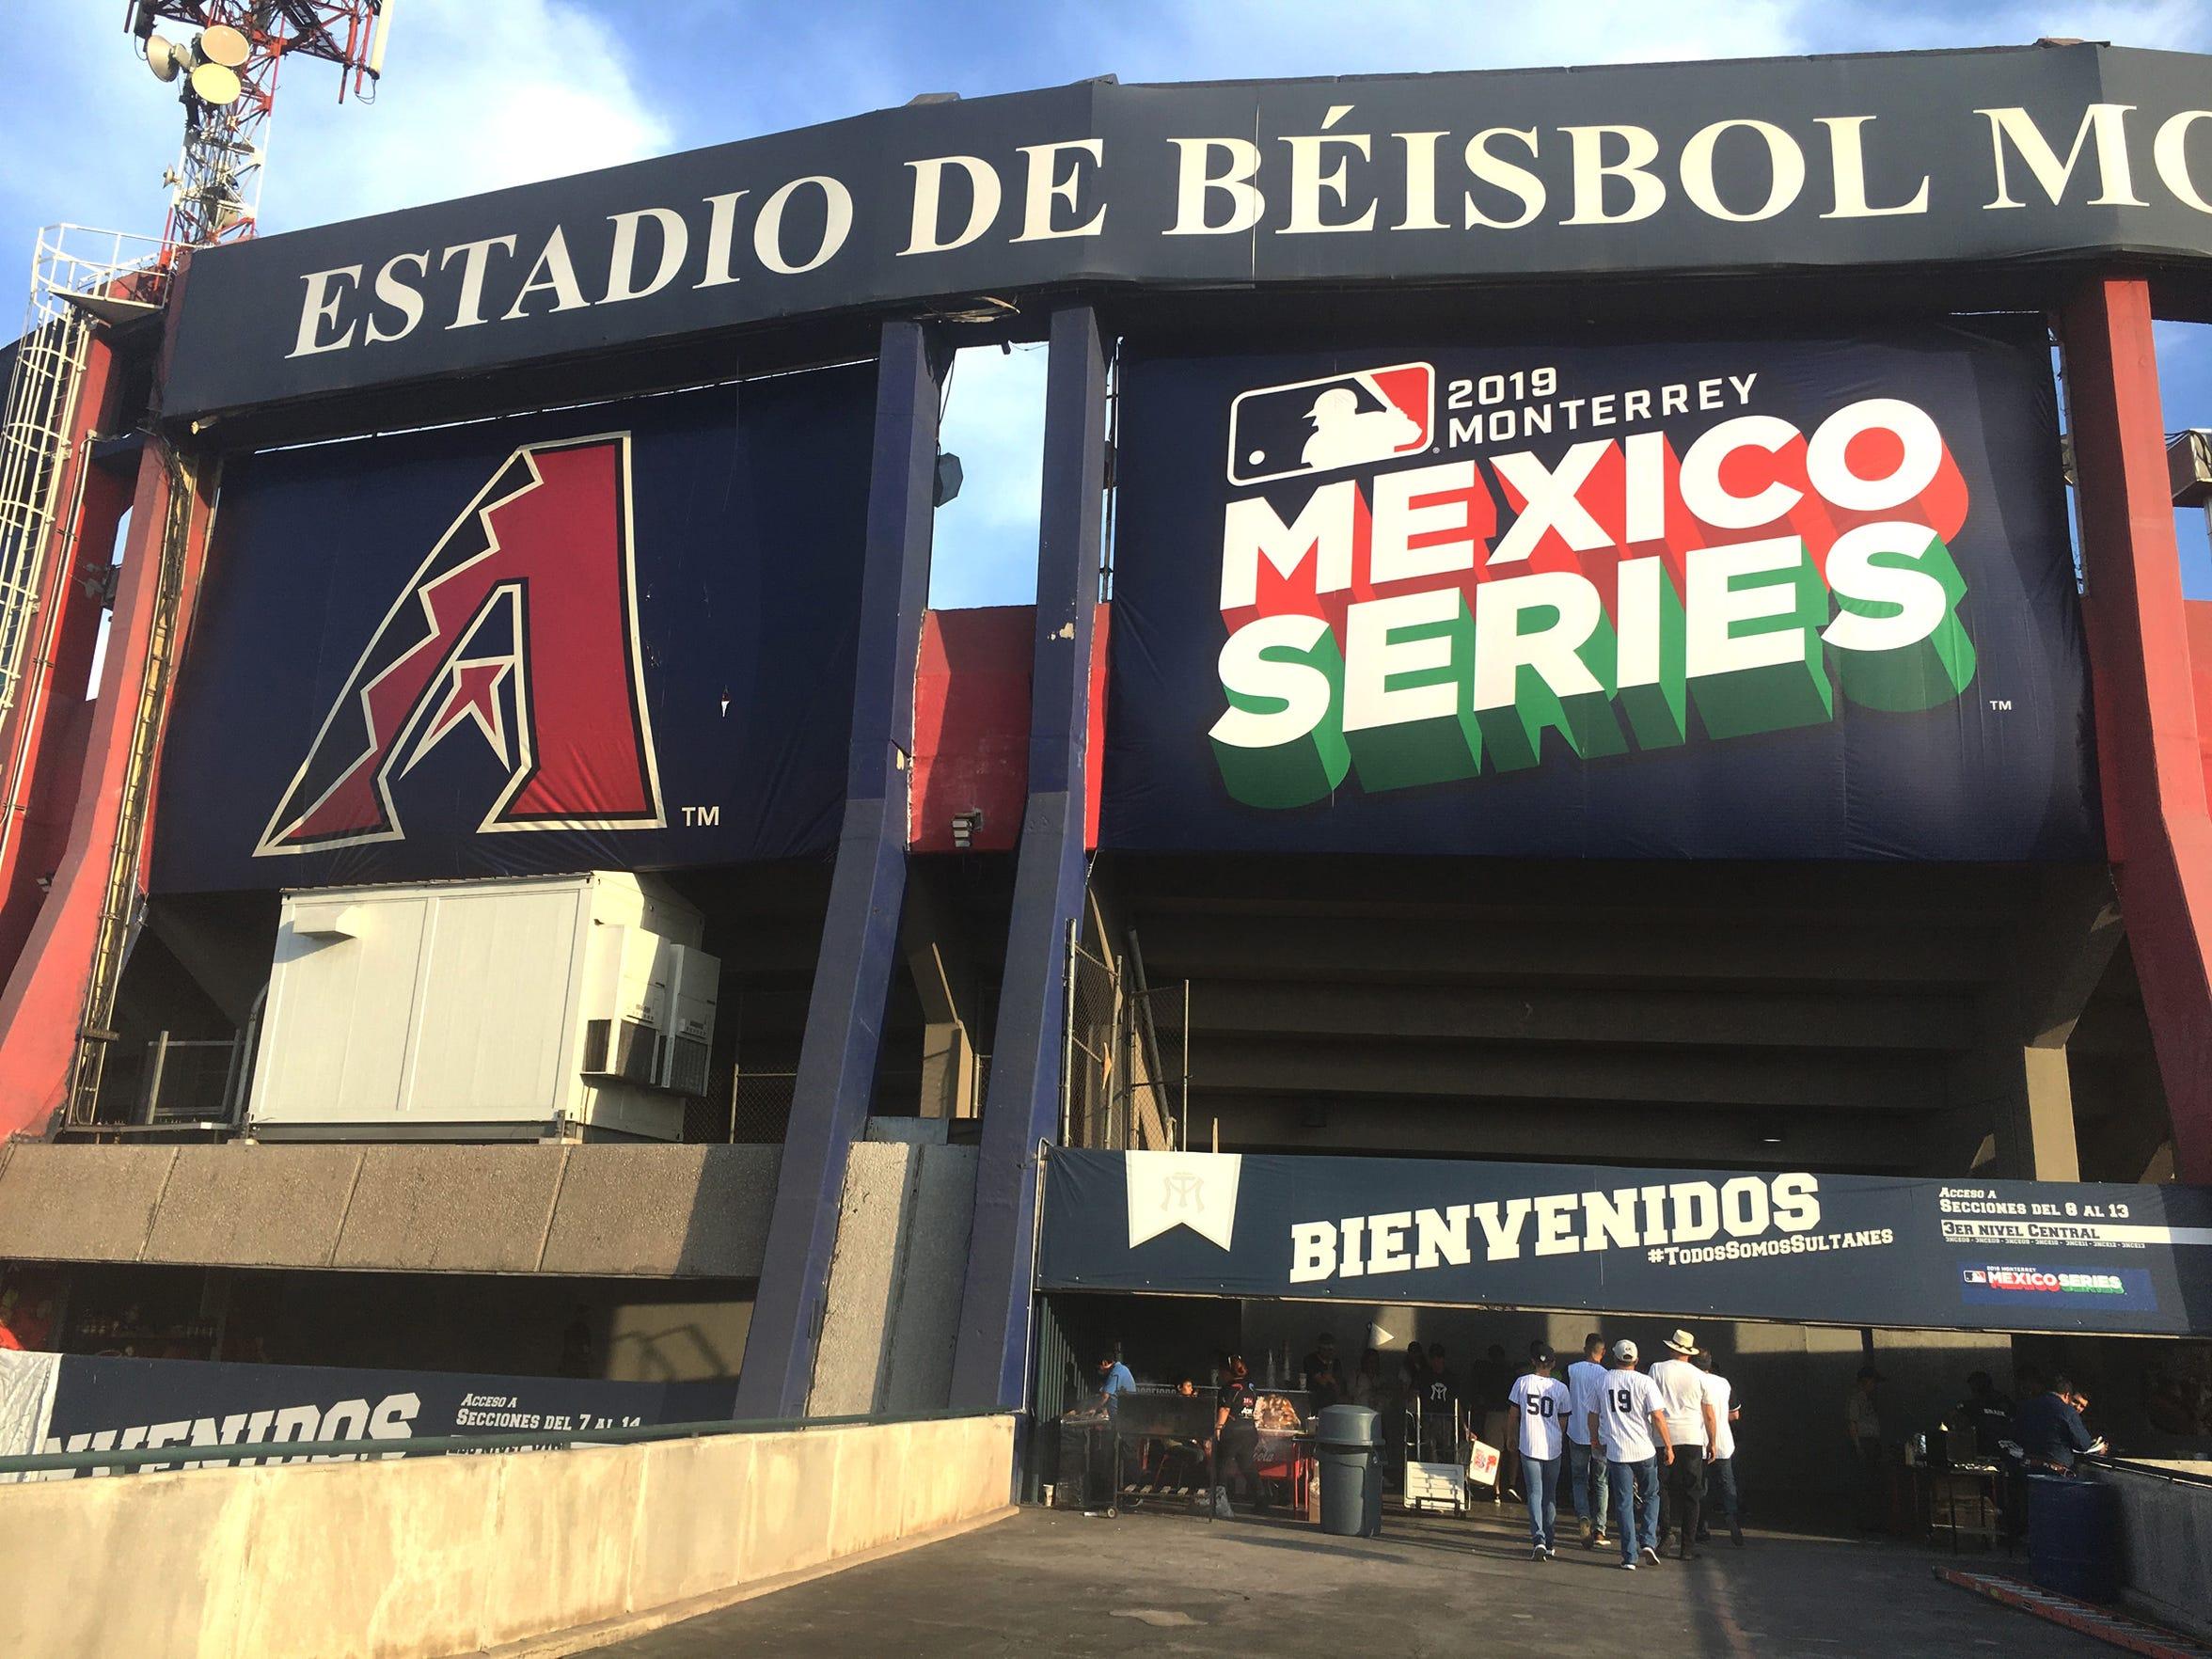 El Estadio de Beisbol Monterrey, en México, será sede de dos series de temporada regular en 2019.